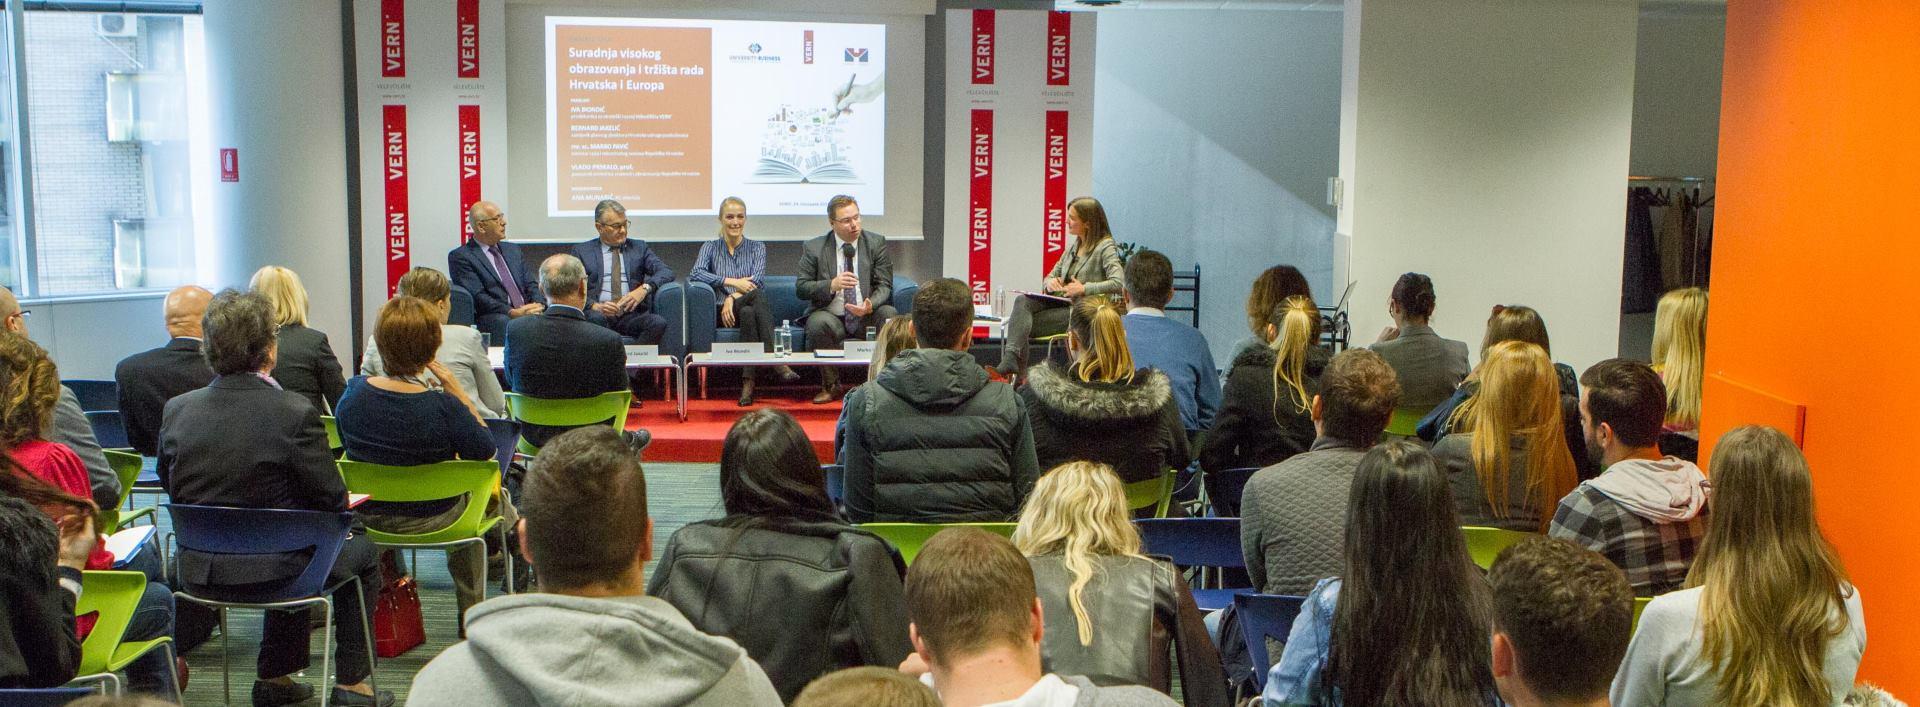 VERN' Održan okrugli stol 'Suradnja visokog obrazovanja i tržišta rada – Hrvatska i Europa'